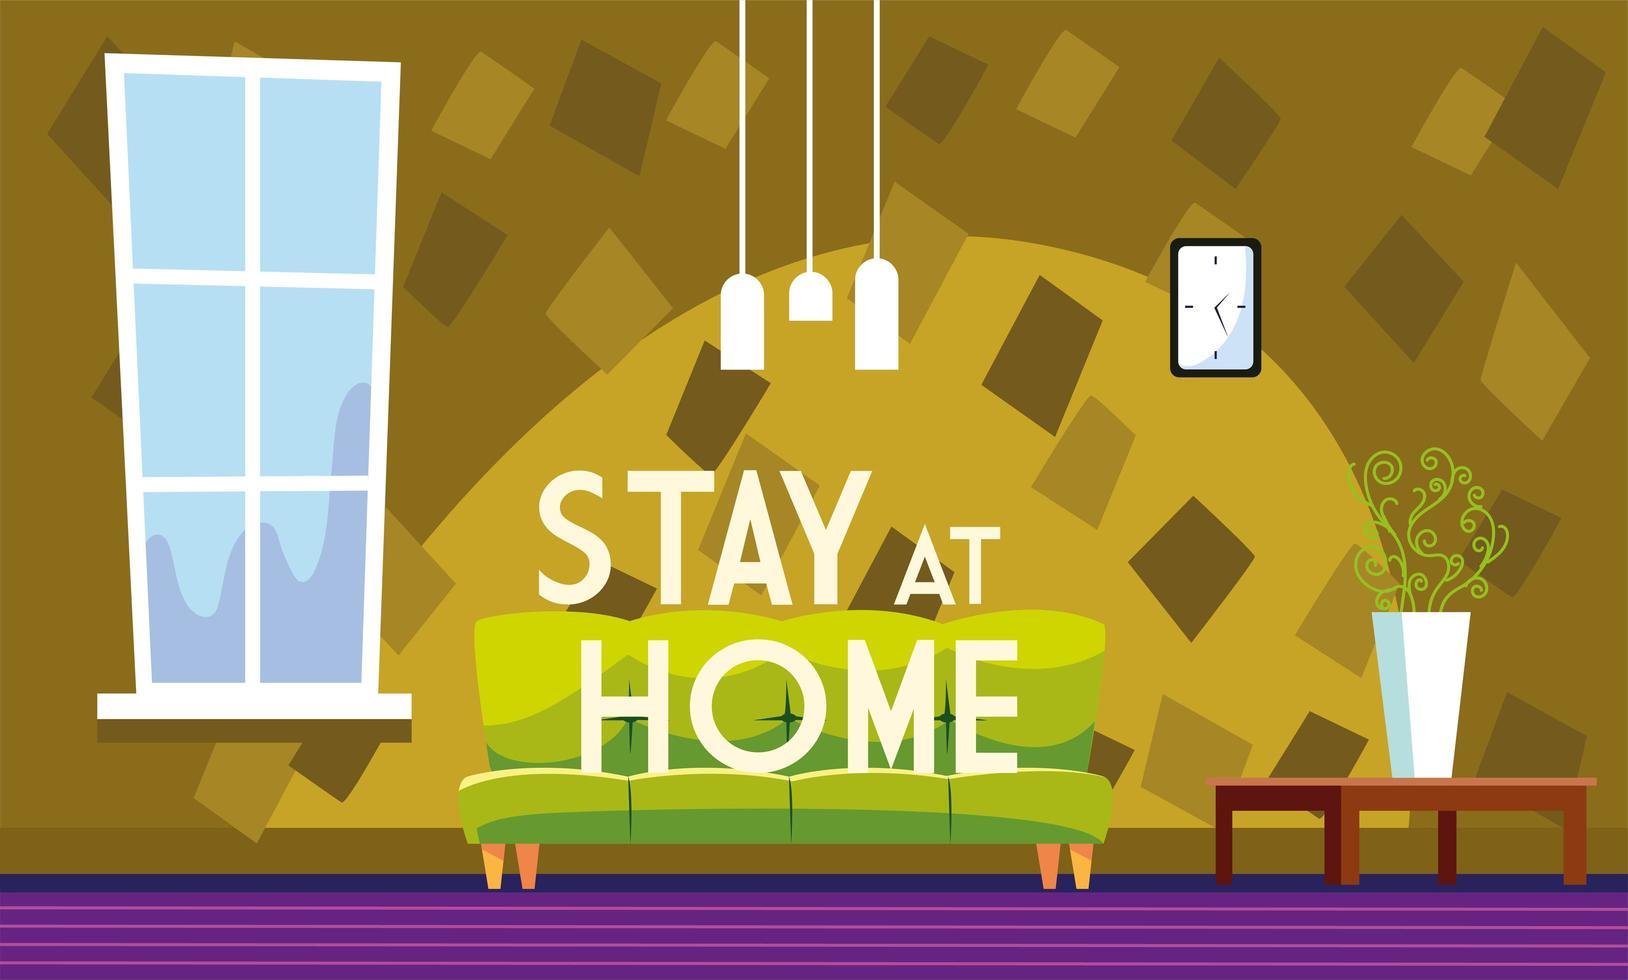 rester à la maison texte et salon sans personne vecteur